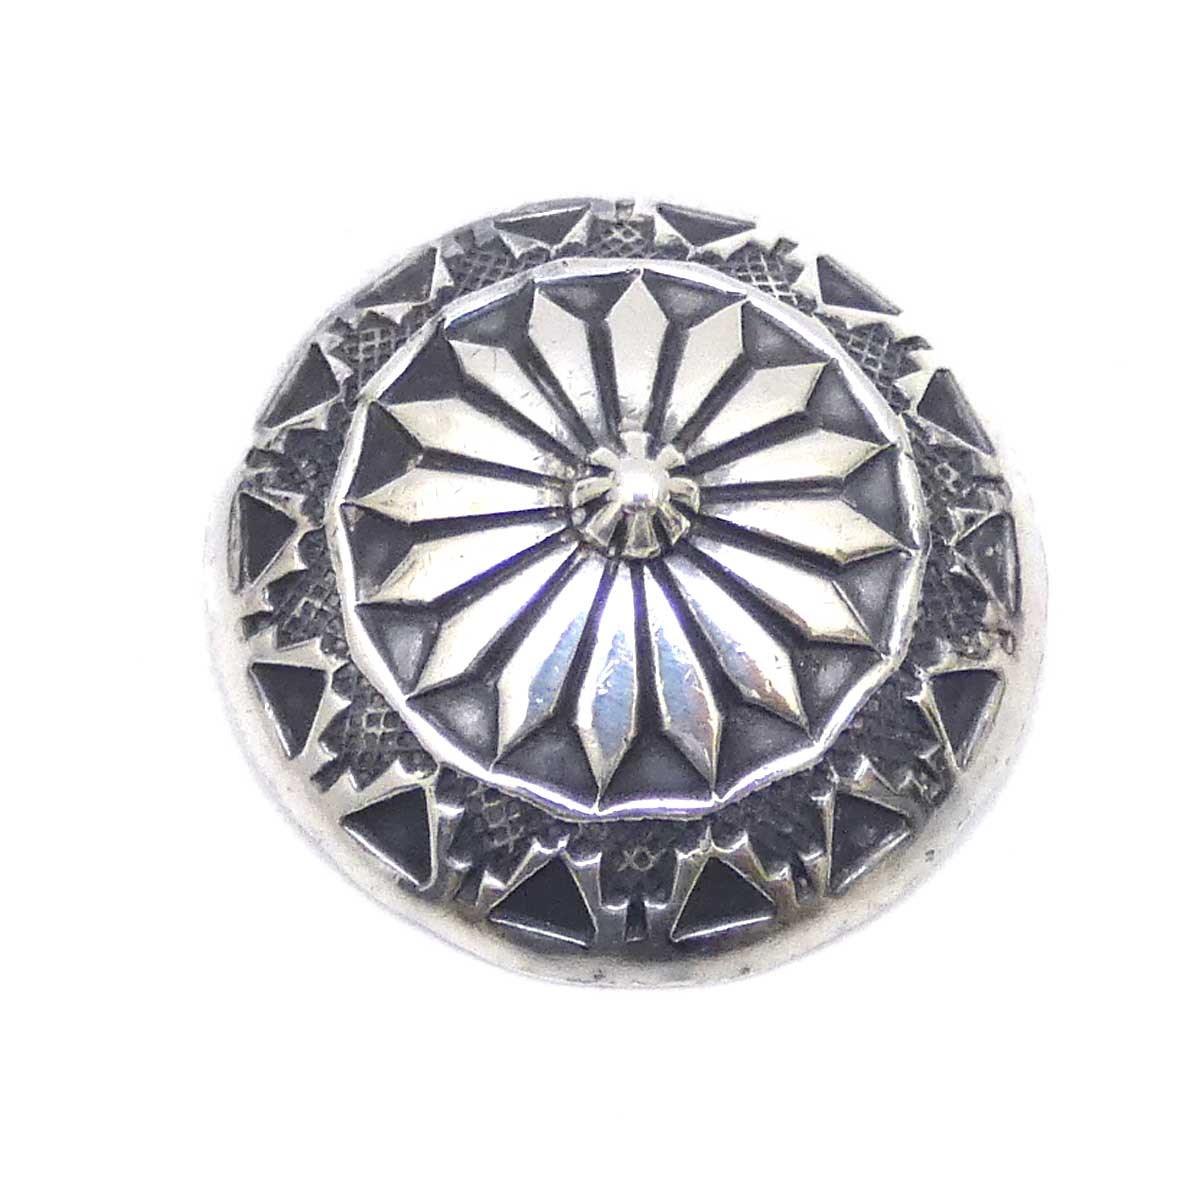 【中古】SUNSHINE REEVES コンチョボタン ナパ族 シルバー 【061019】(サンシャインリーブス)